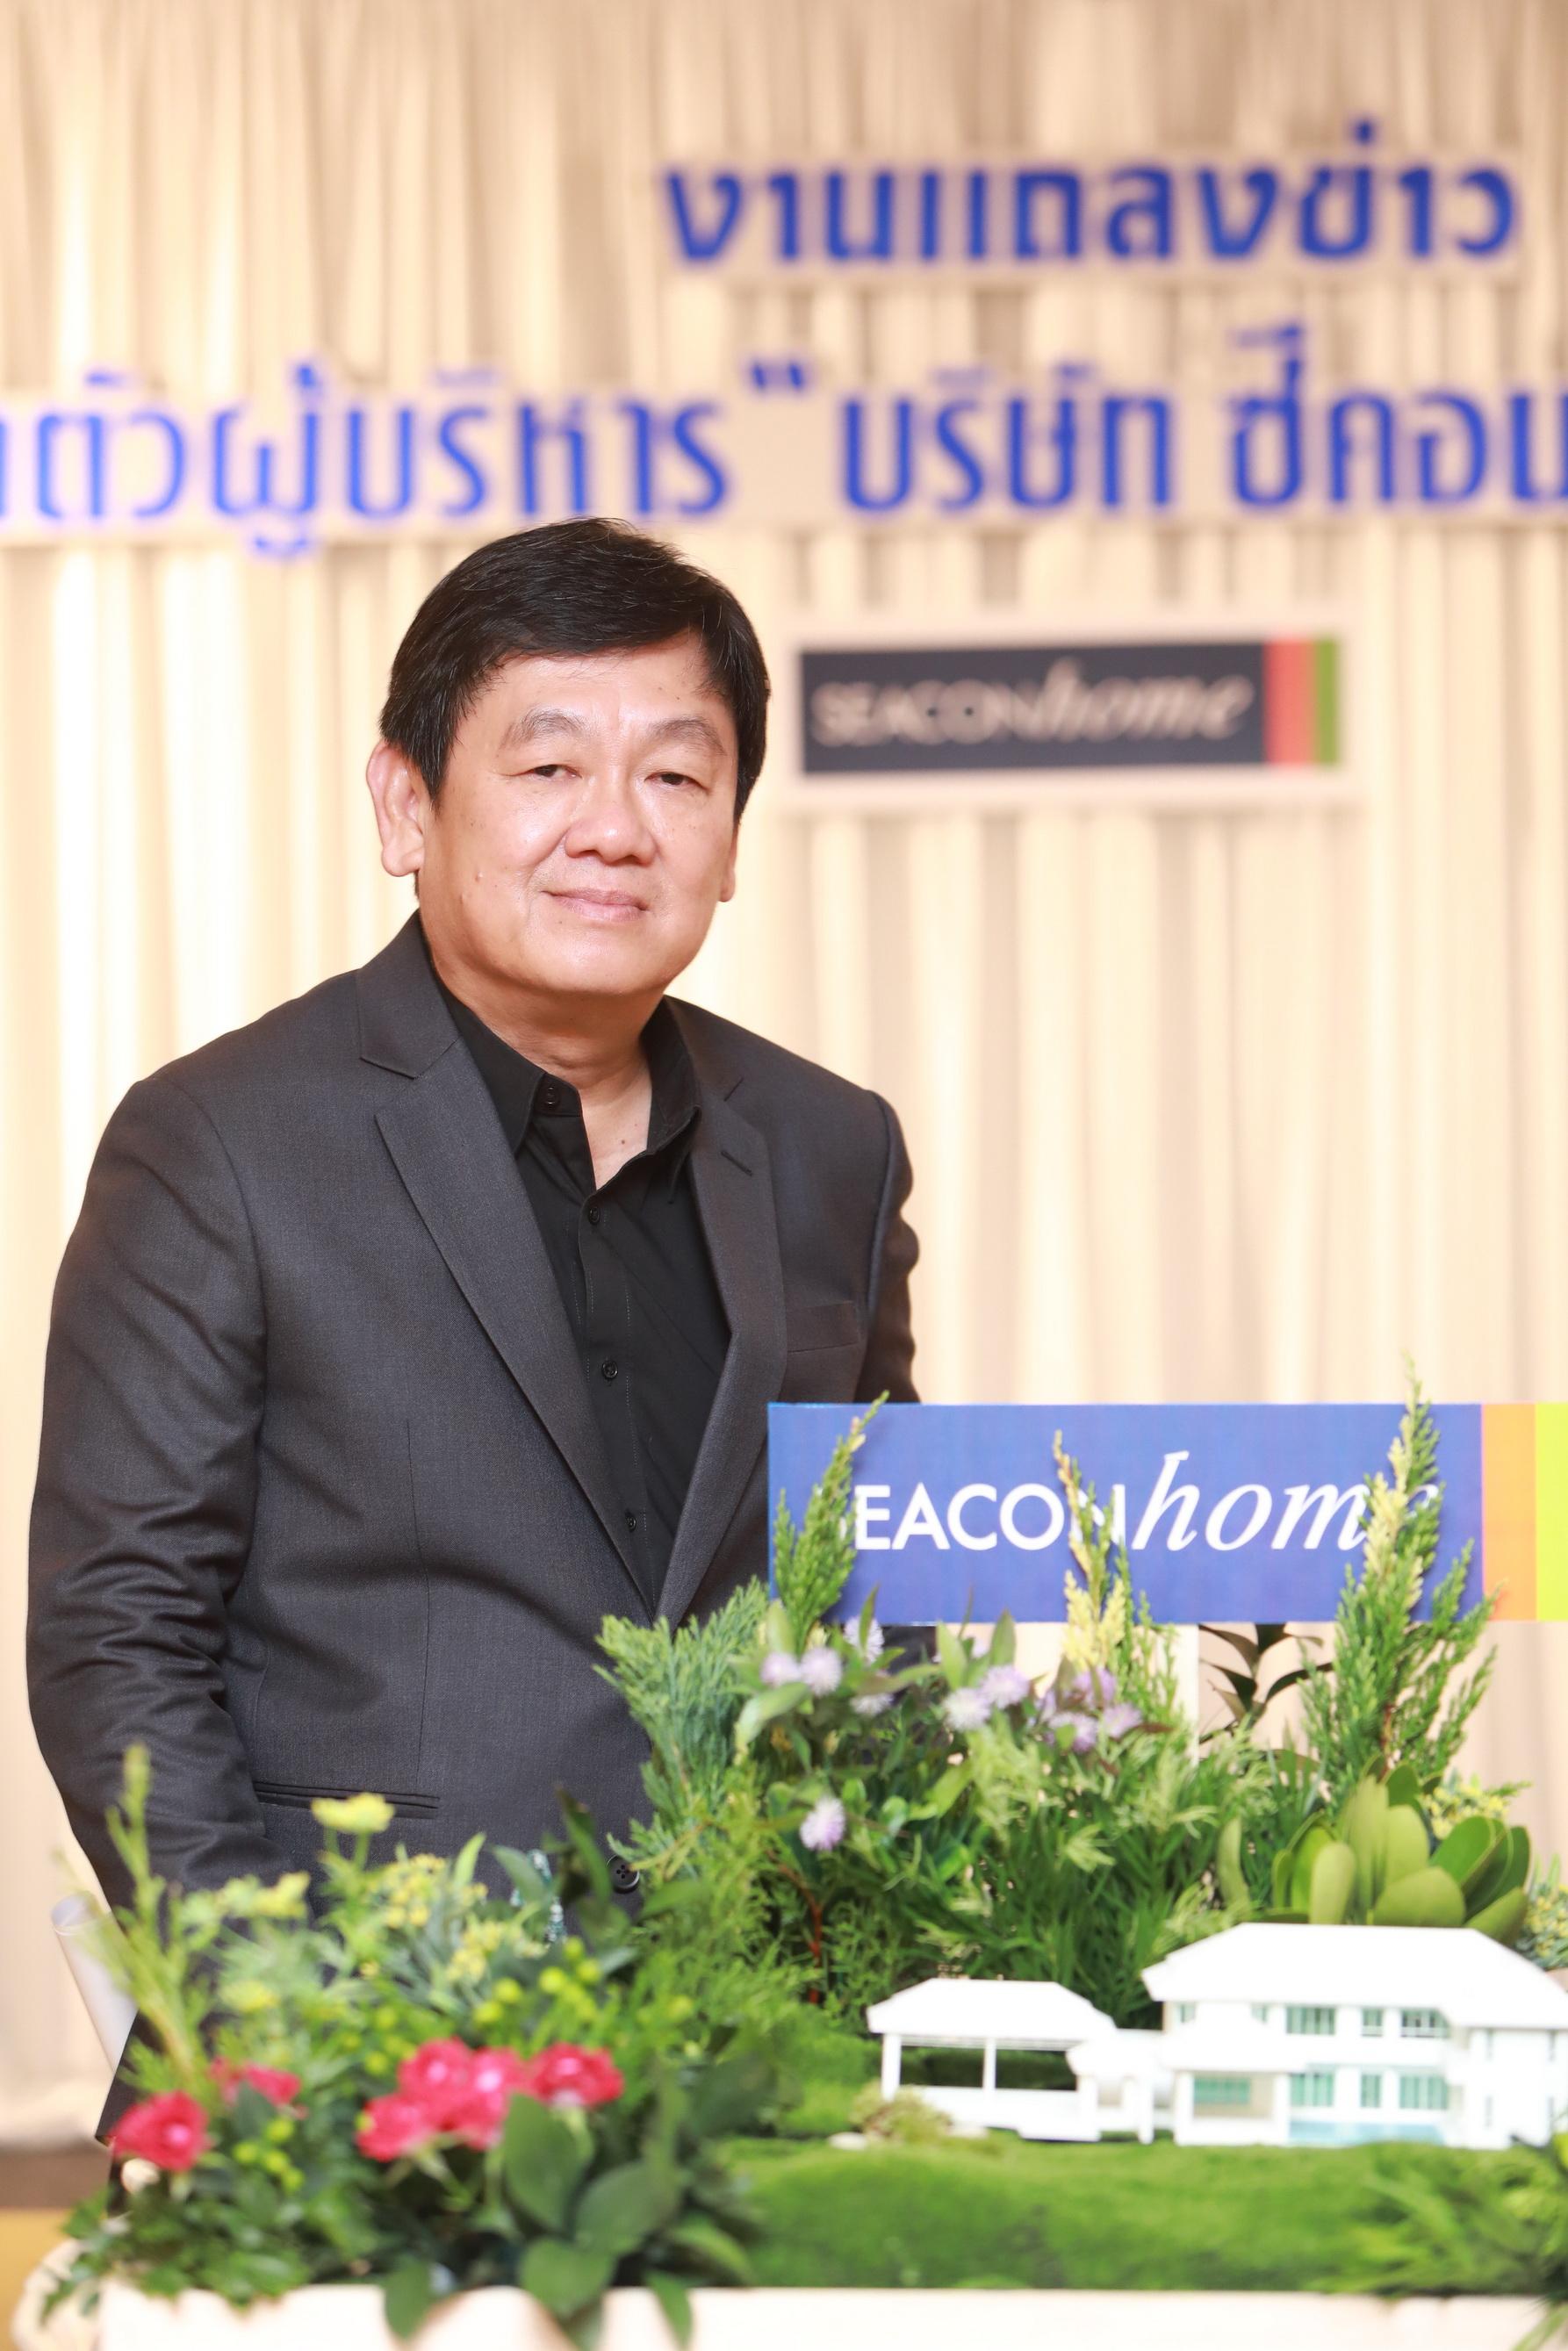 ซีคอน โฮม ตั้งผู้บริหารใหม่รุกธุรกิจรับสร้างบ้านครึ่งปีหลัง